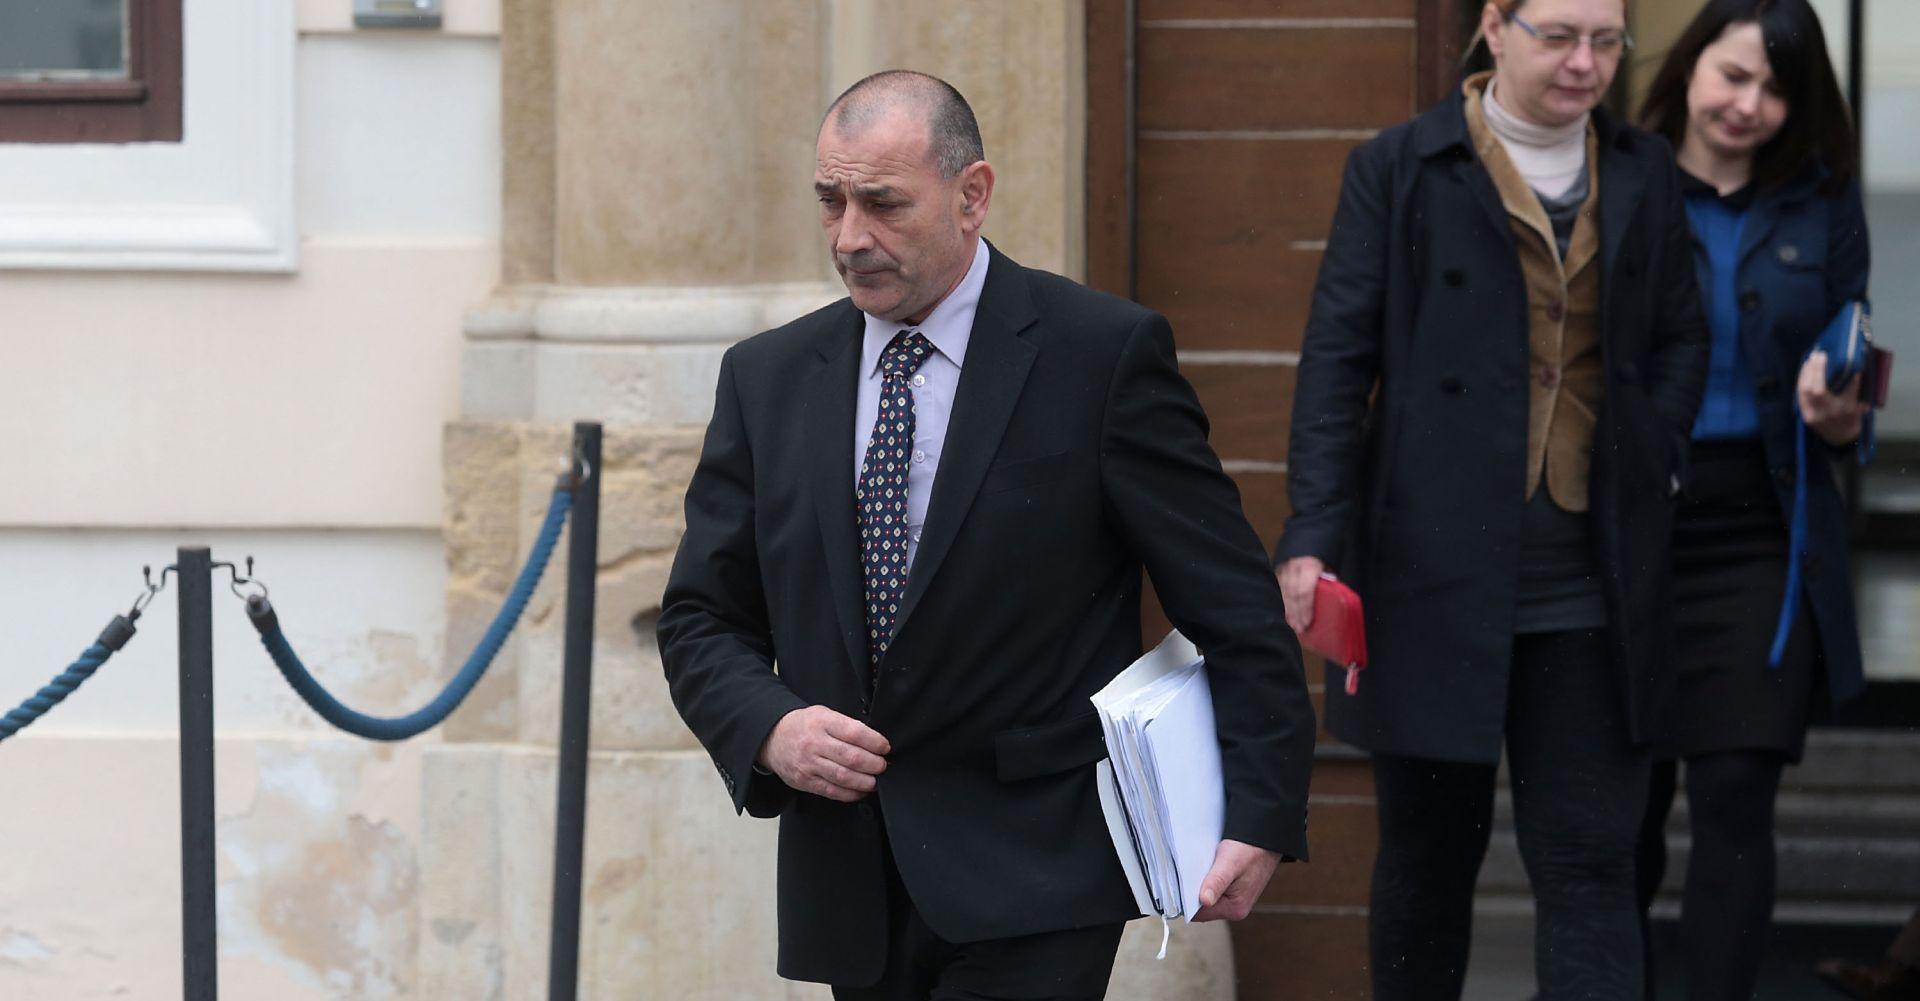 Ministarstvo branitelja: Nismo zaprimili nikakve informacije o optužnicama